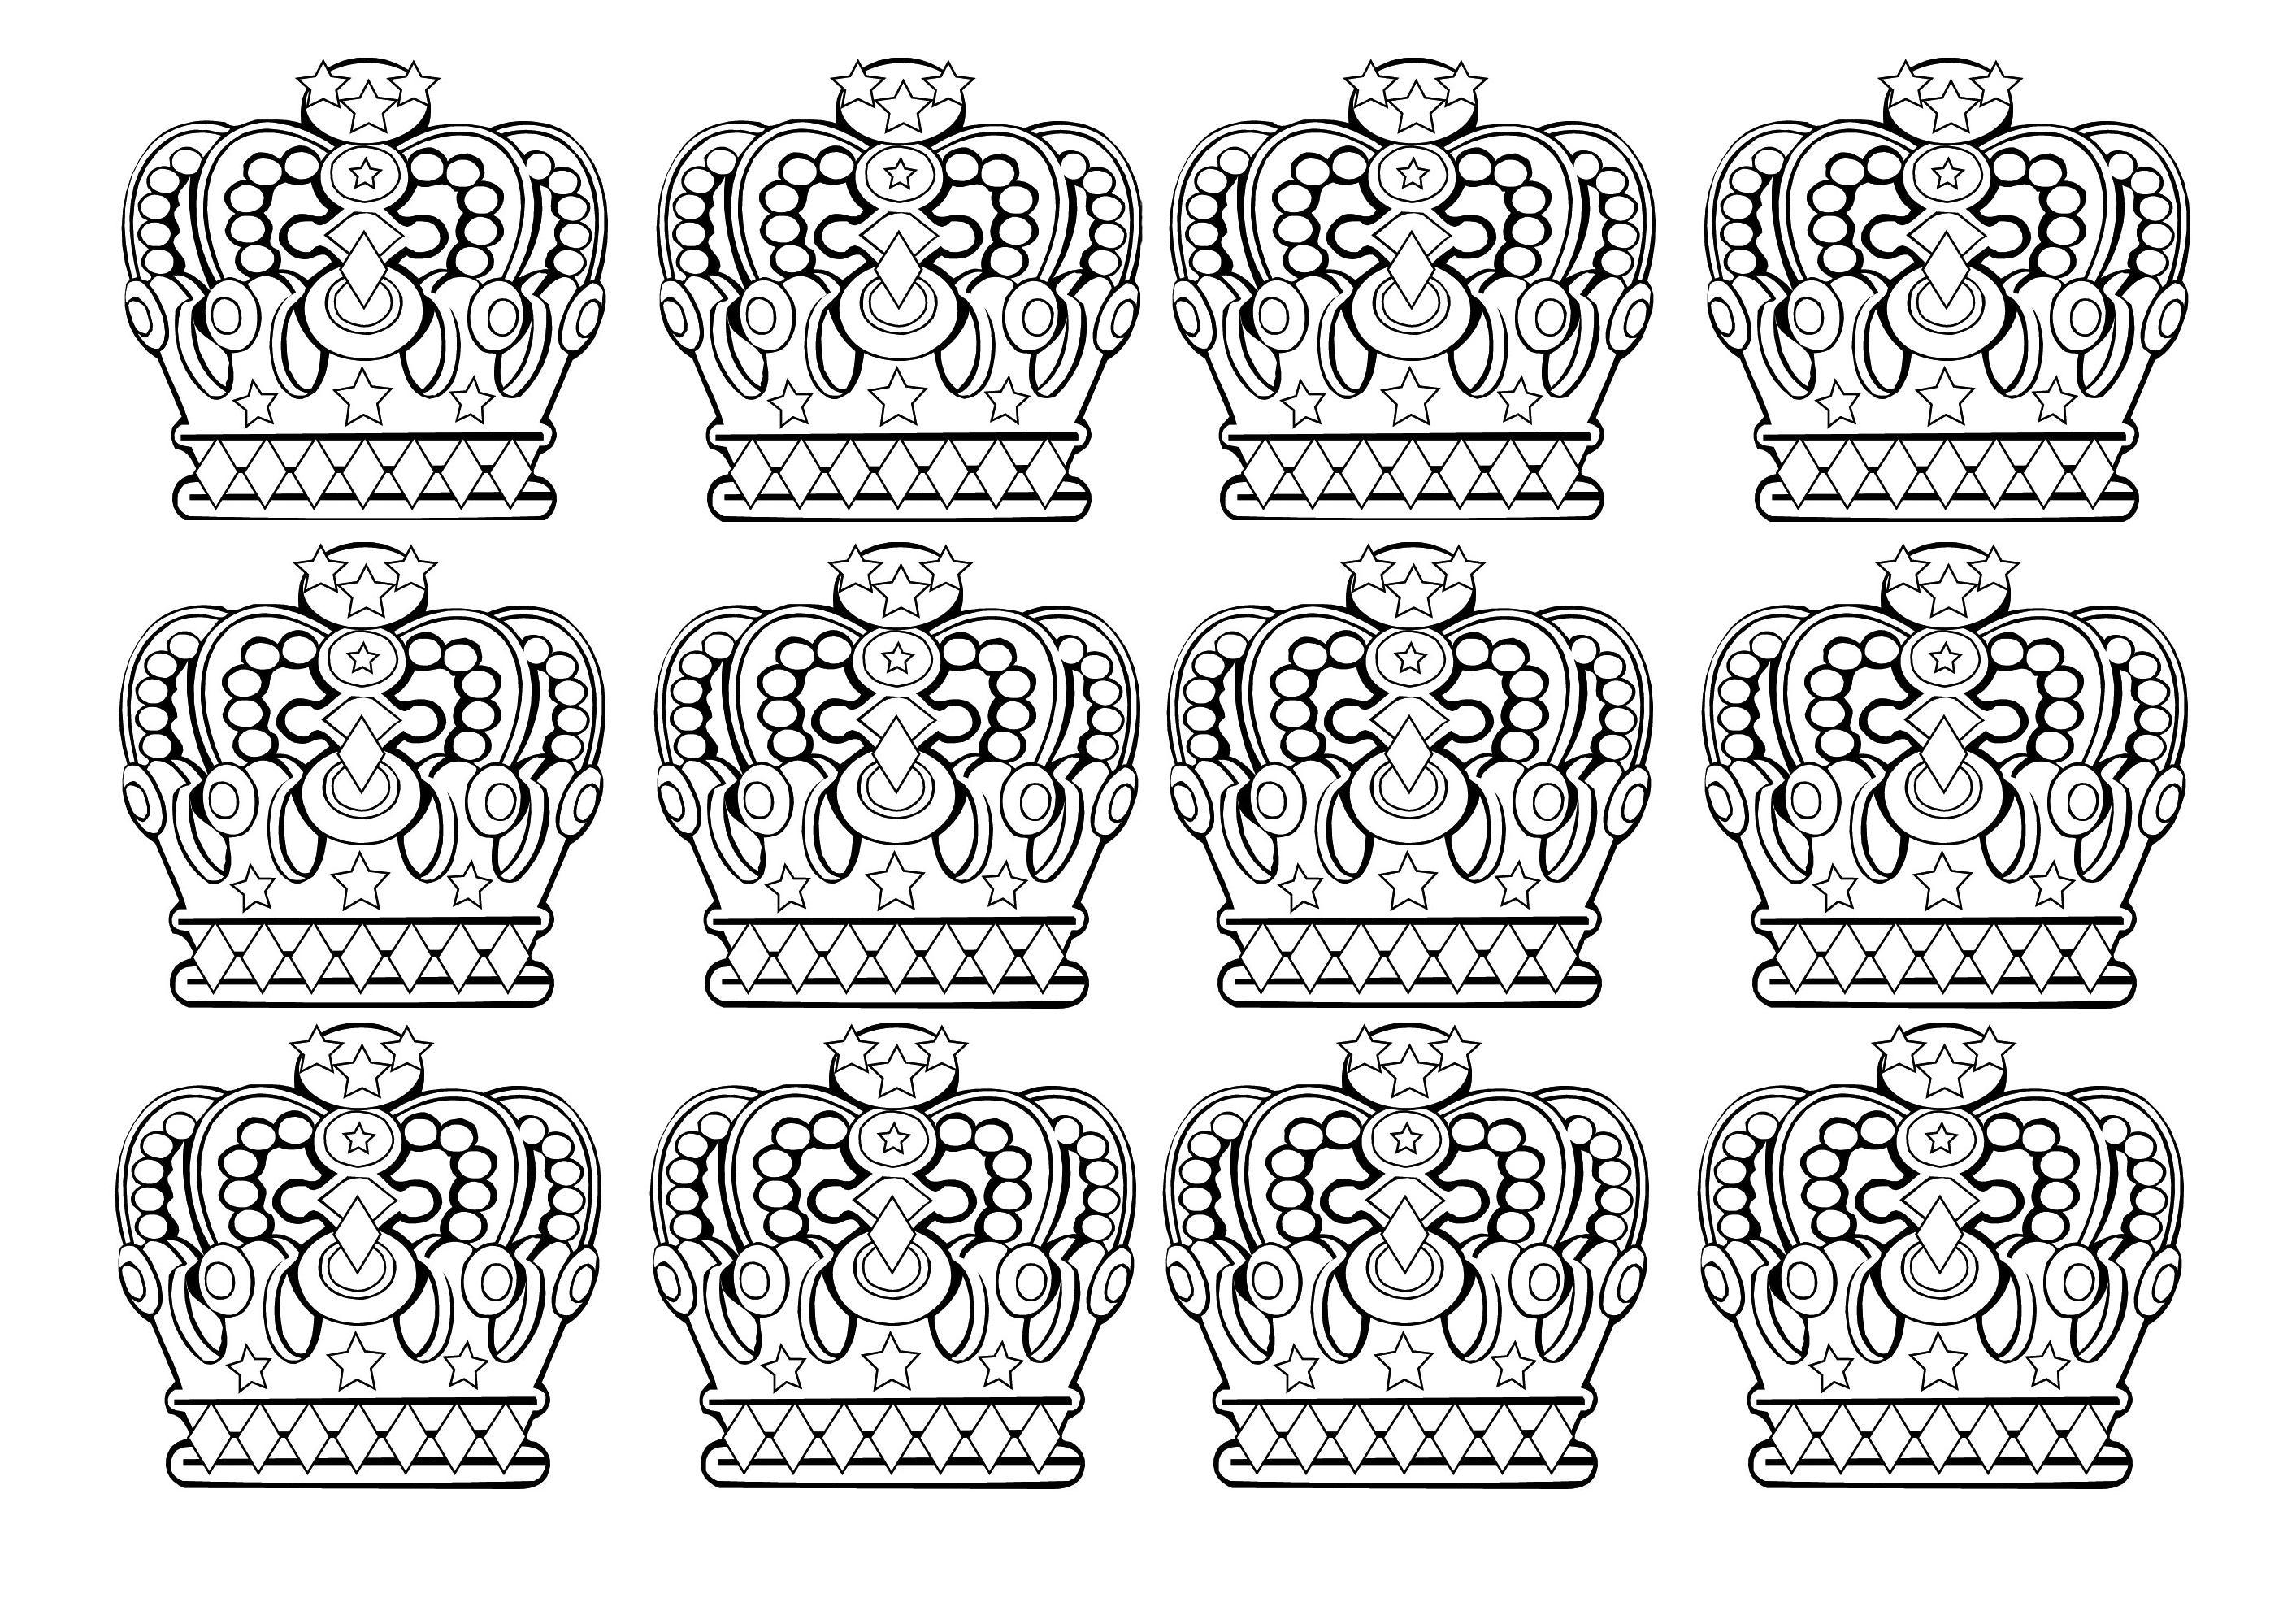 Disegni da colorare per adulti : Re e regine - 6